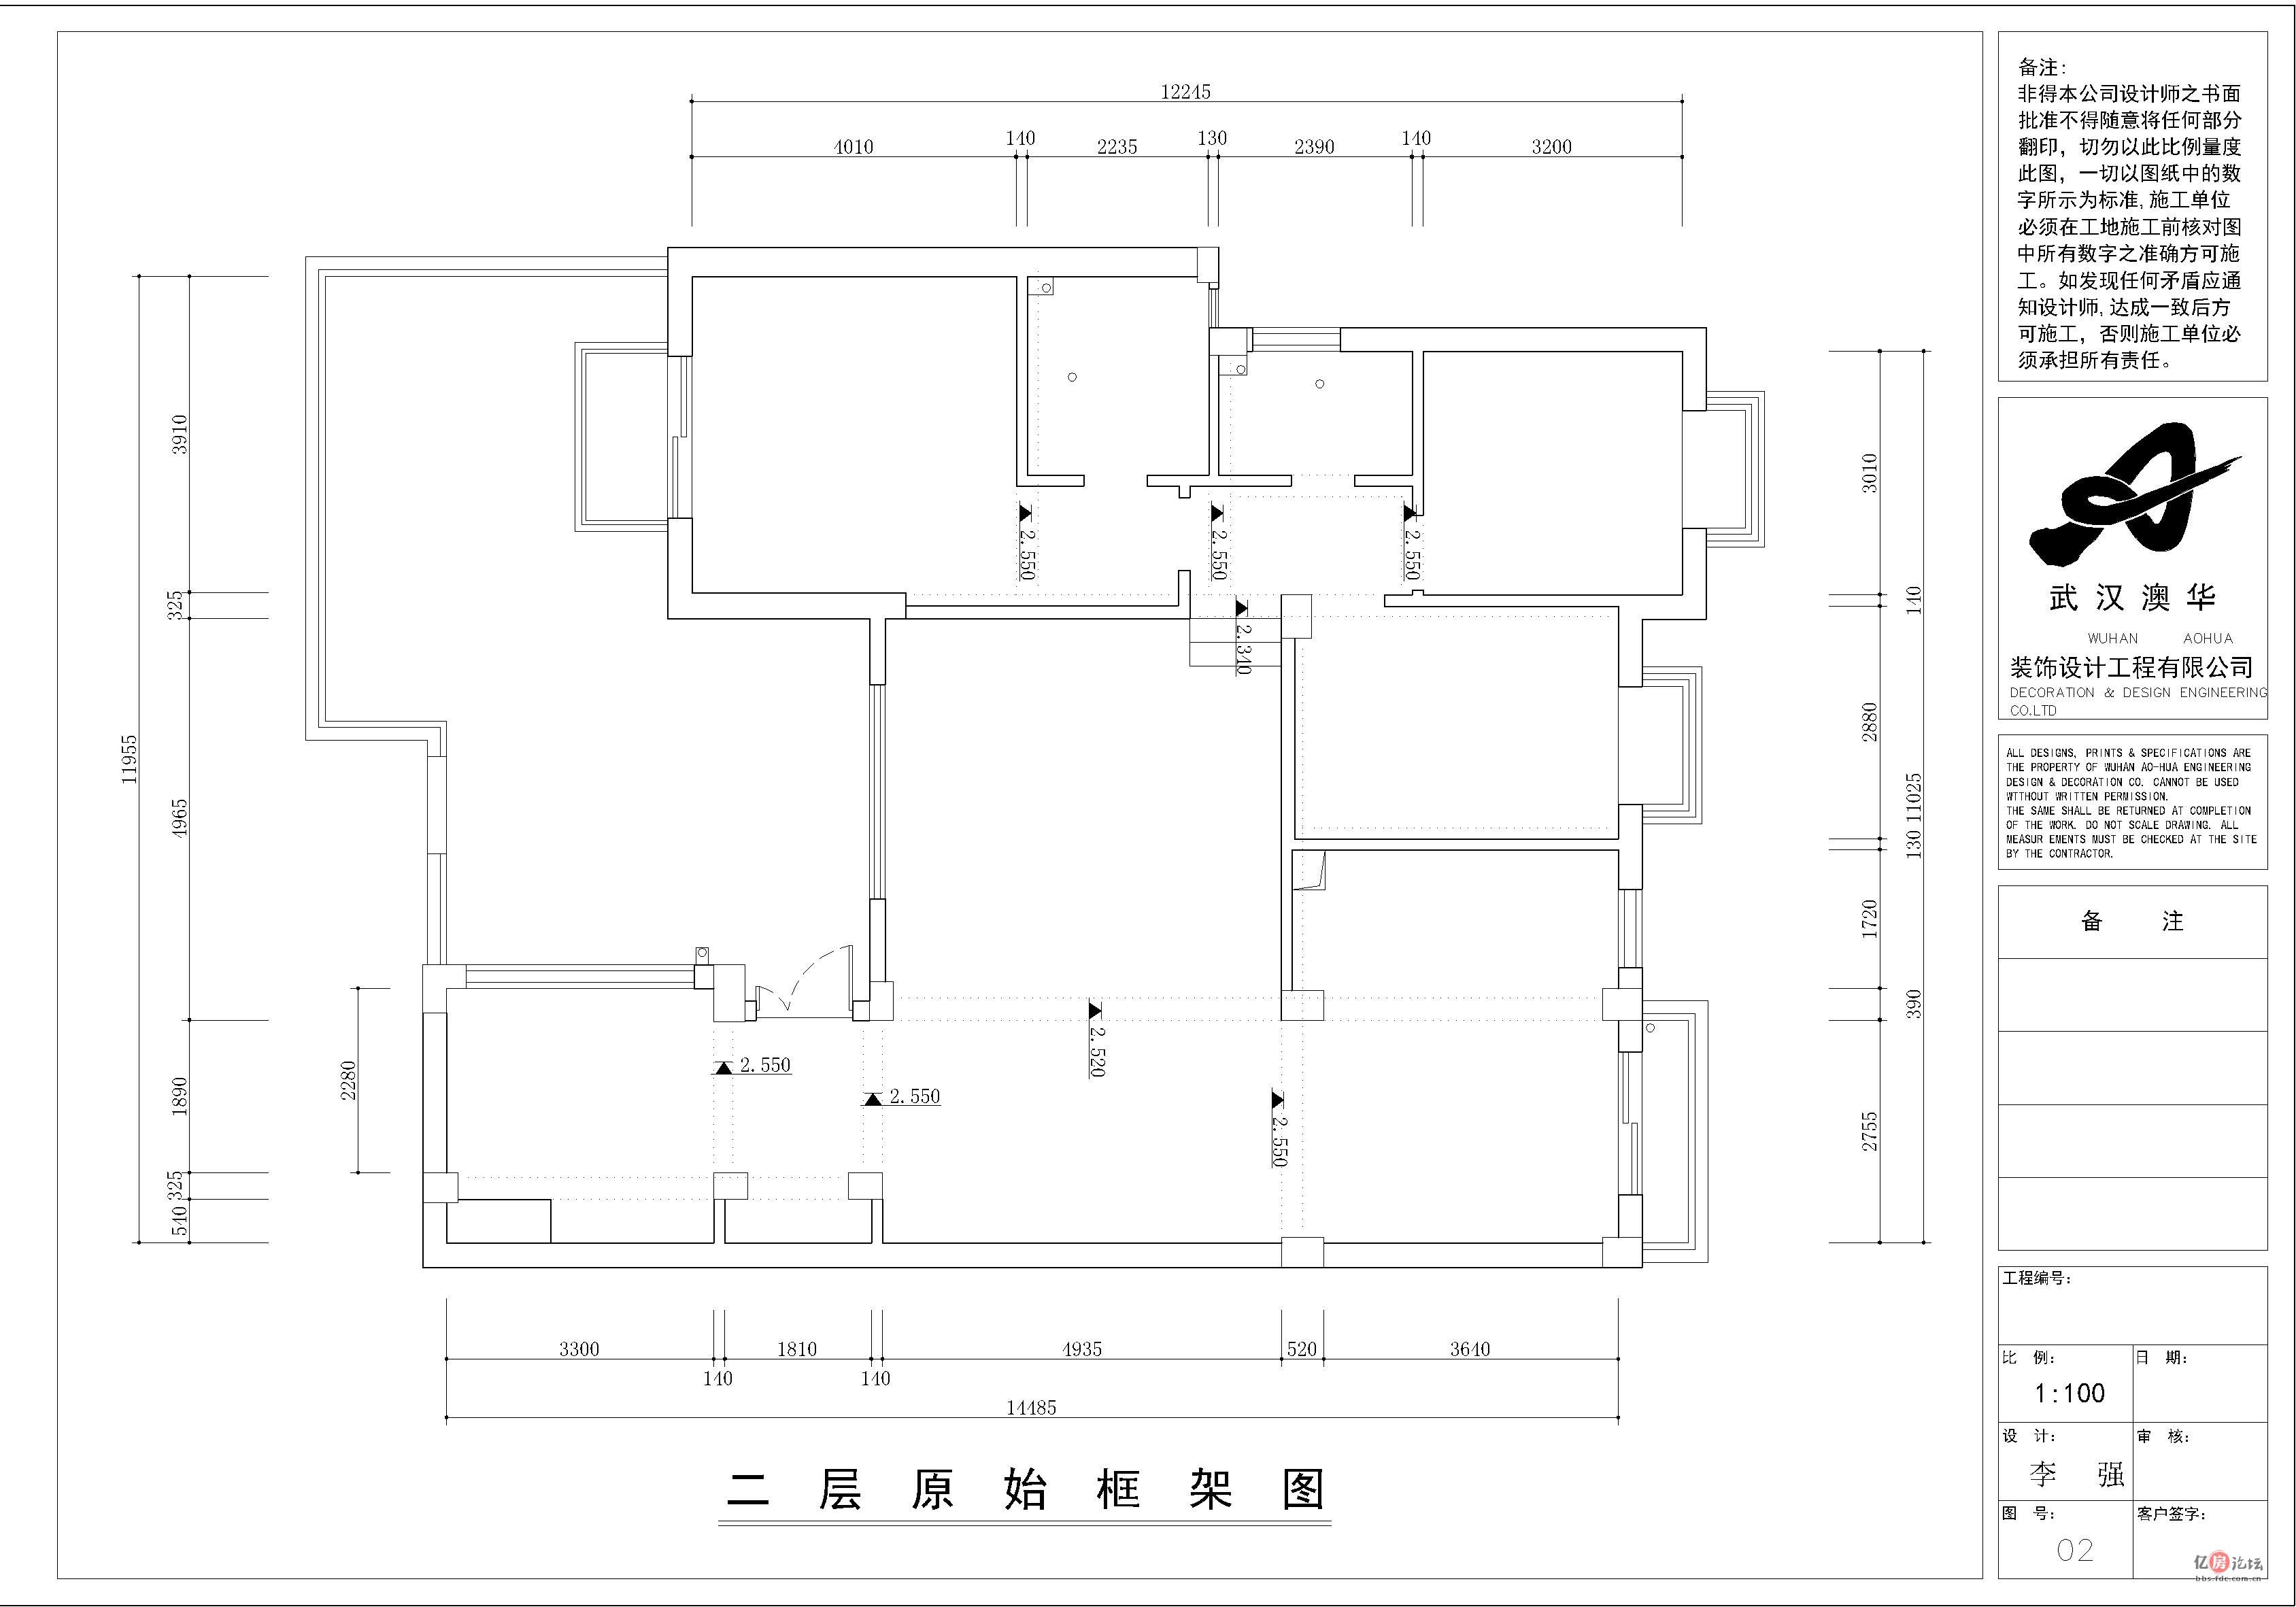 【二层平面布置图】 客厅是以米色为基调的典型欧式